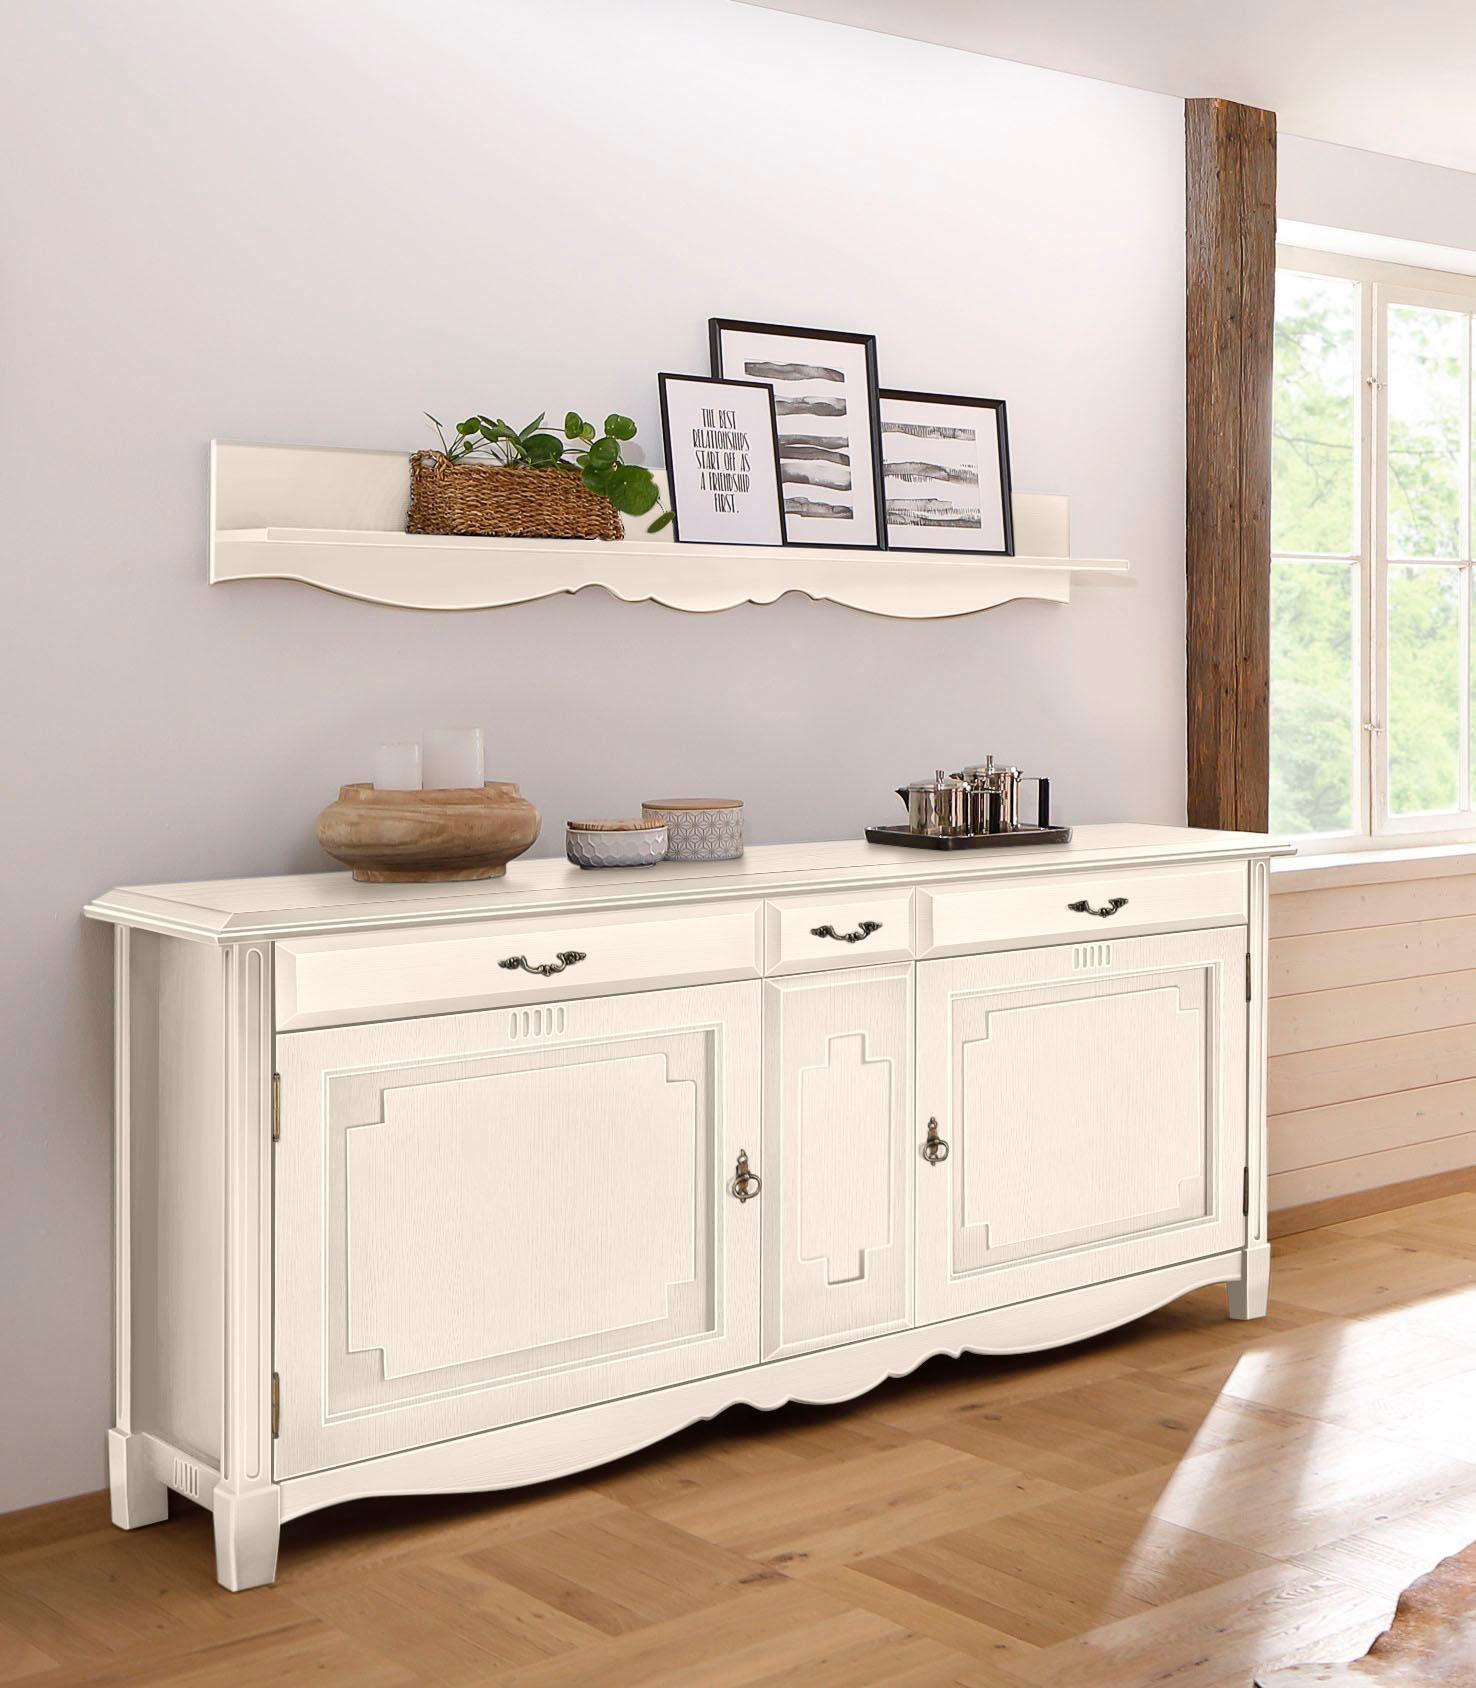 Home affaire Sideboard »Eden«, Breite 197 cm, mit Soft-close Funktion